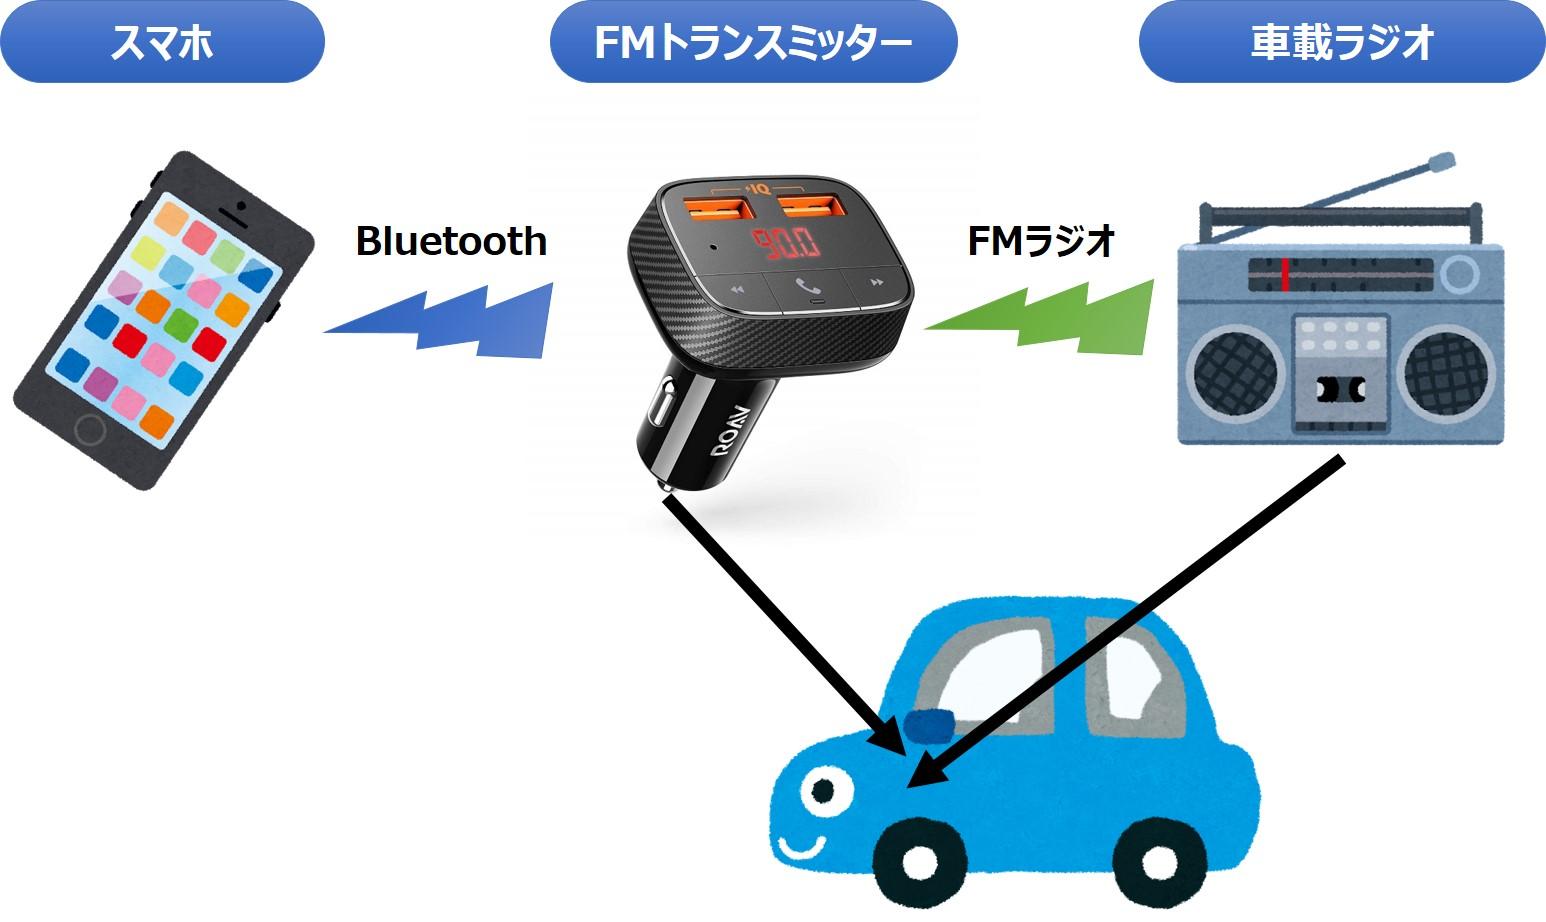 FMトランスミッターの仕組み